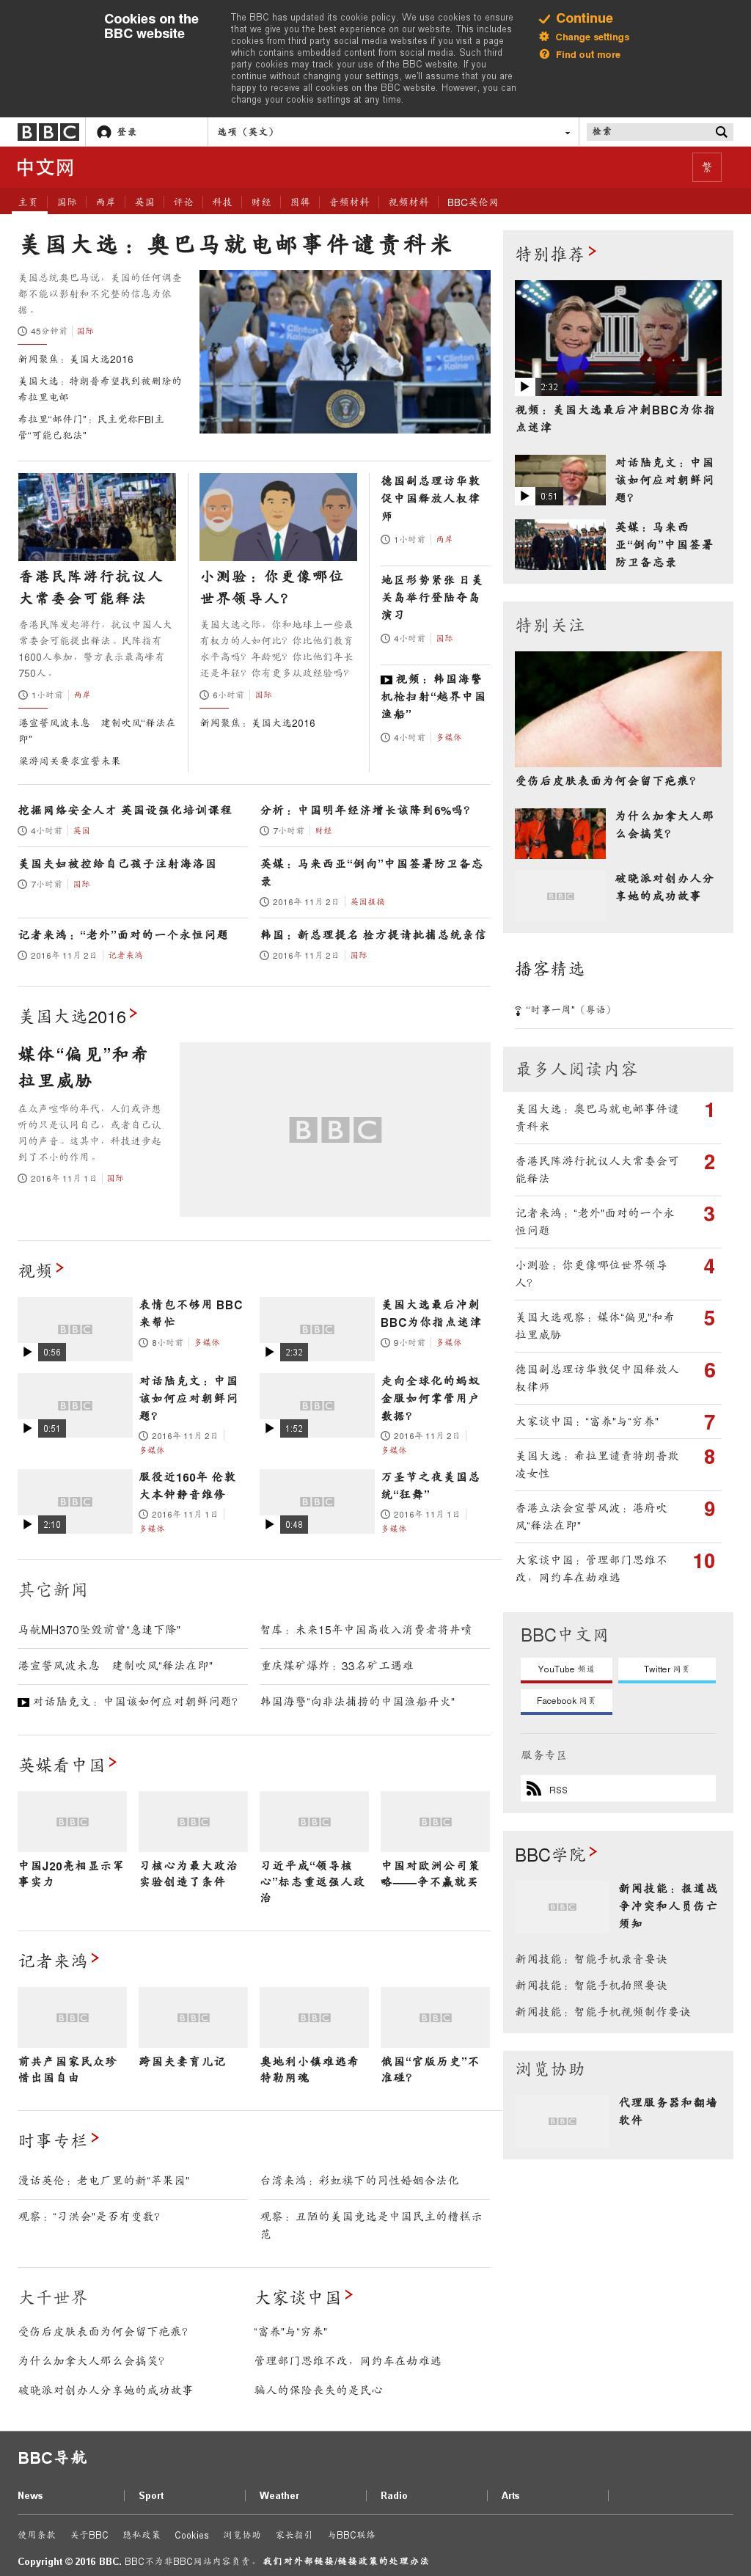 BBC (Chinese) at Wednesday Nov. 2, 2016, 11 p.m. UTC